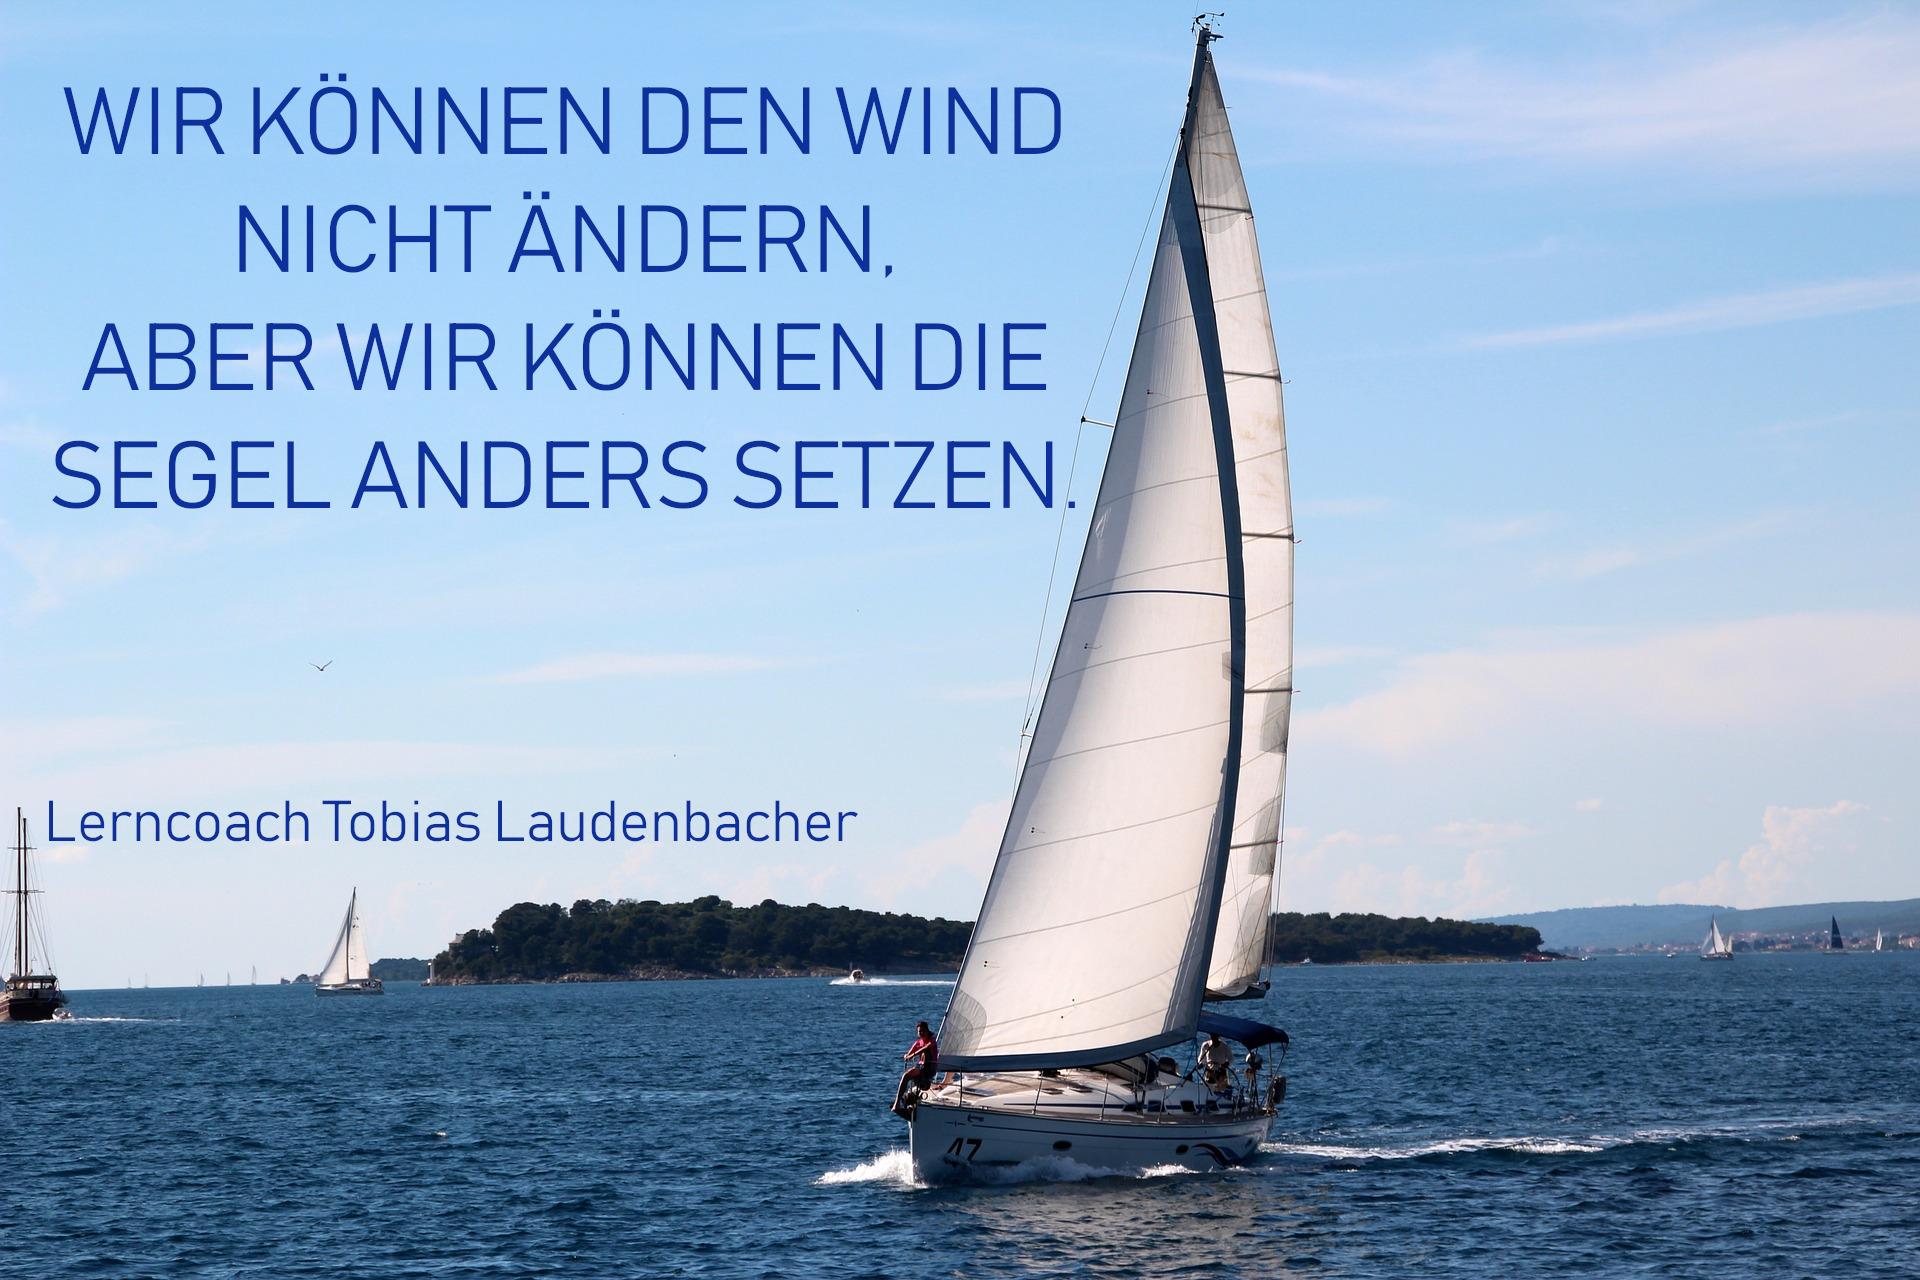 04_Quote_Wir_können_den_Wind_nicht_aendern